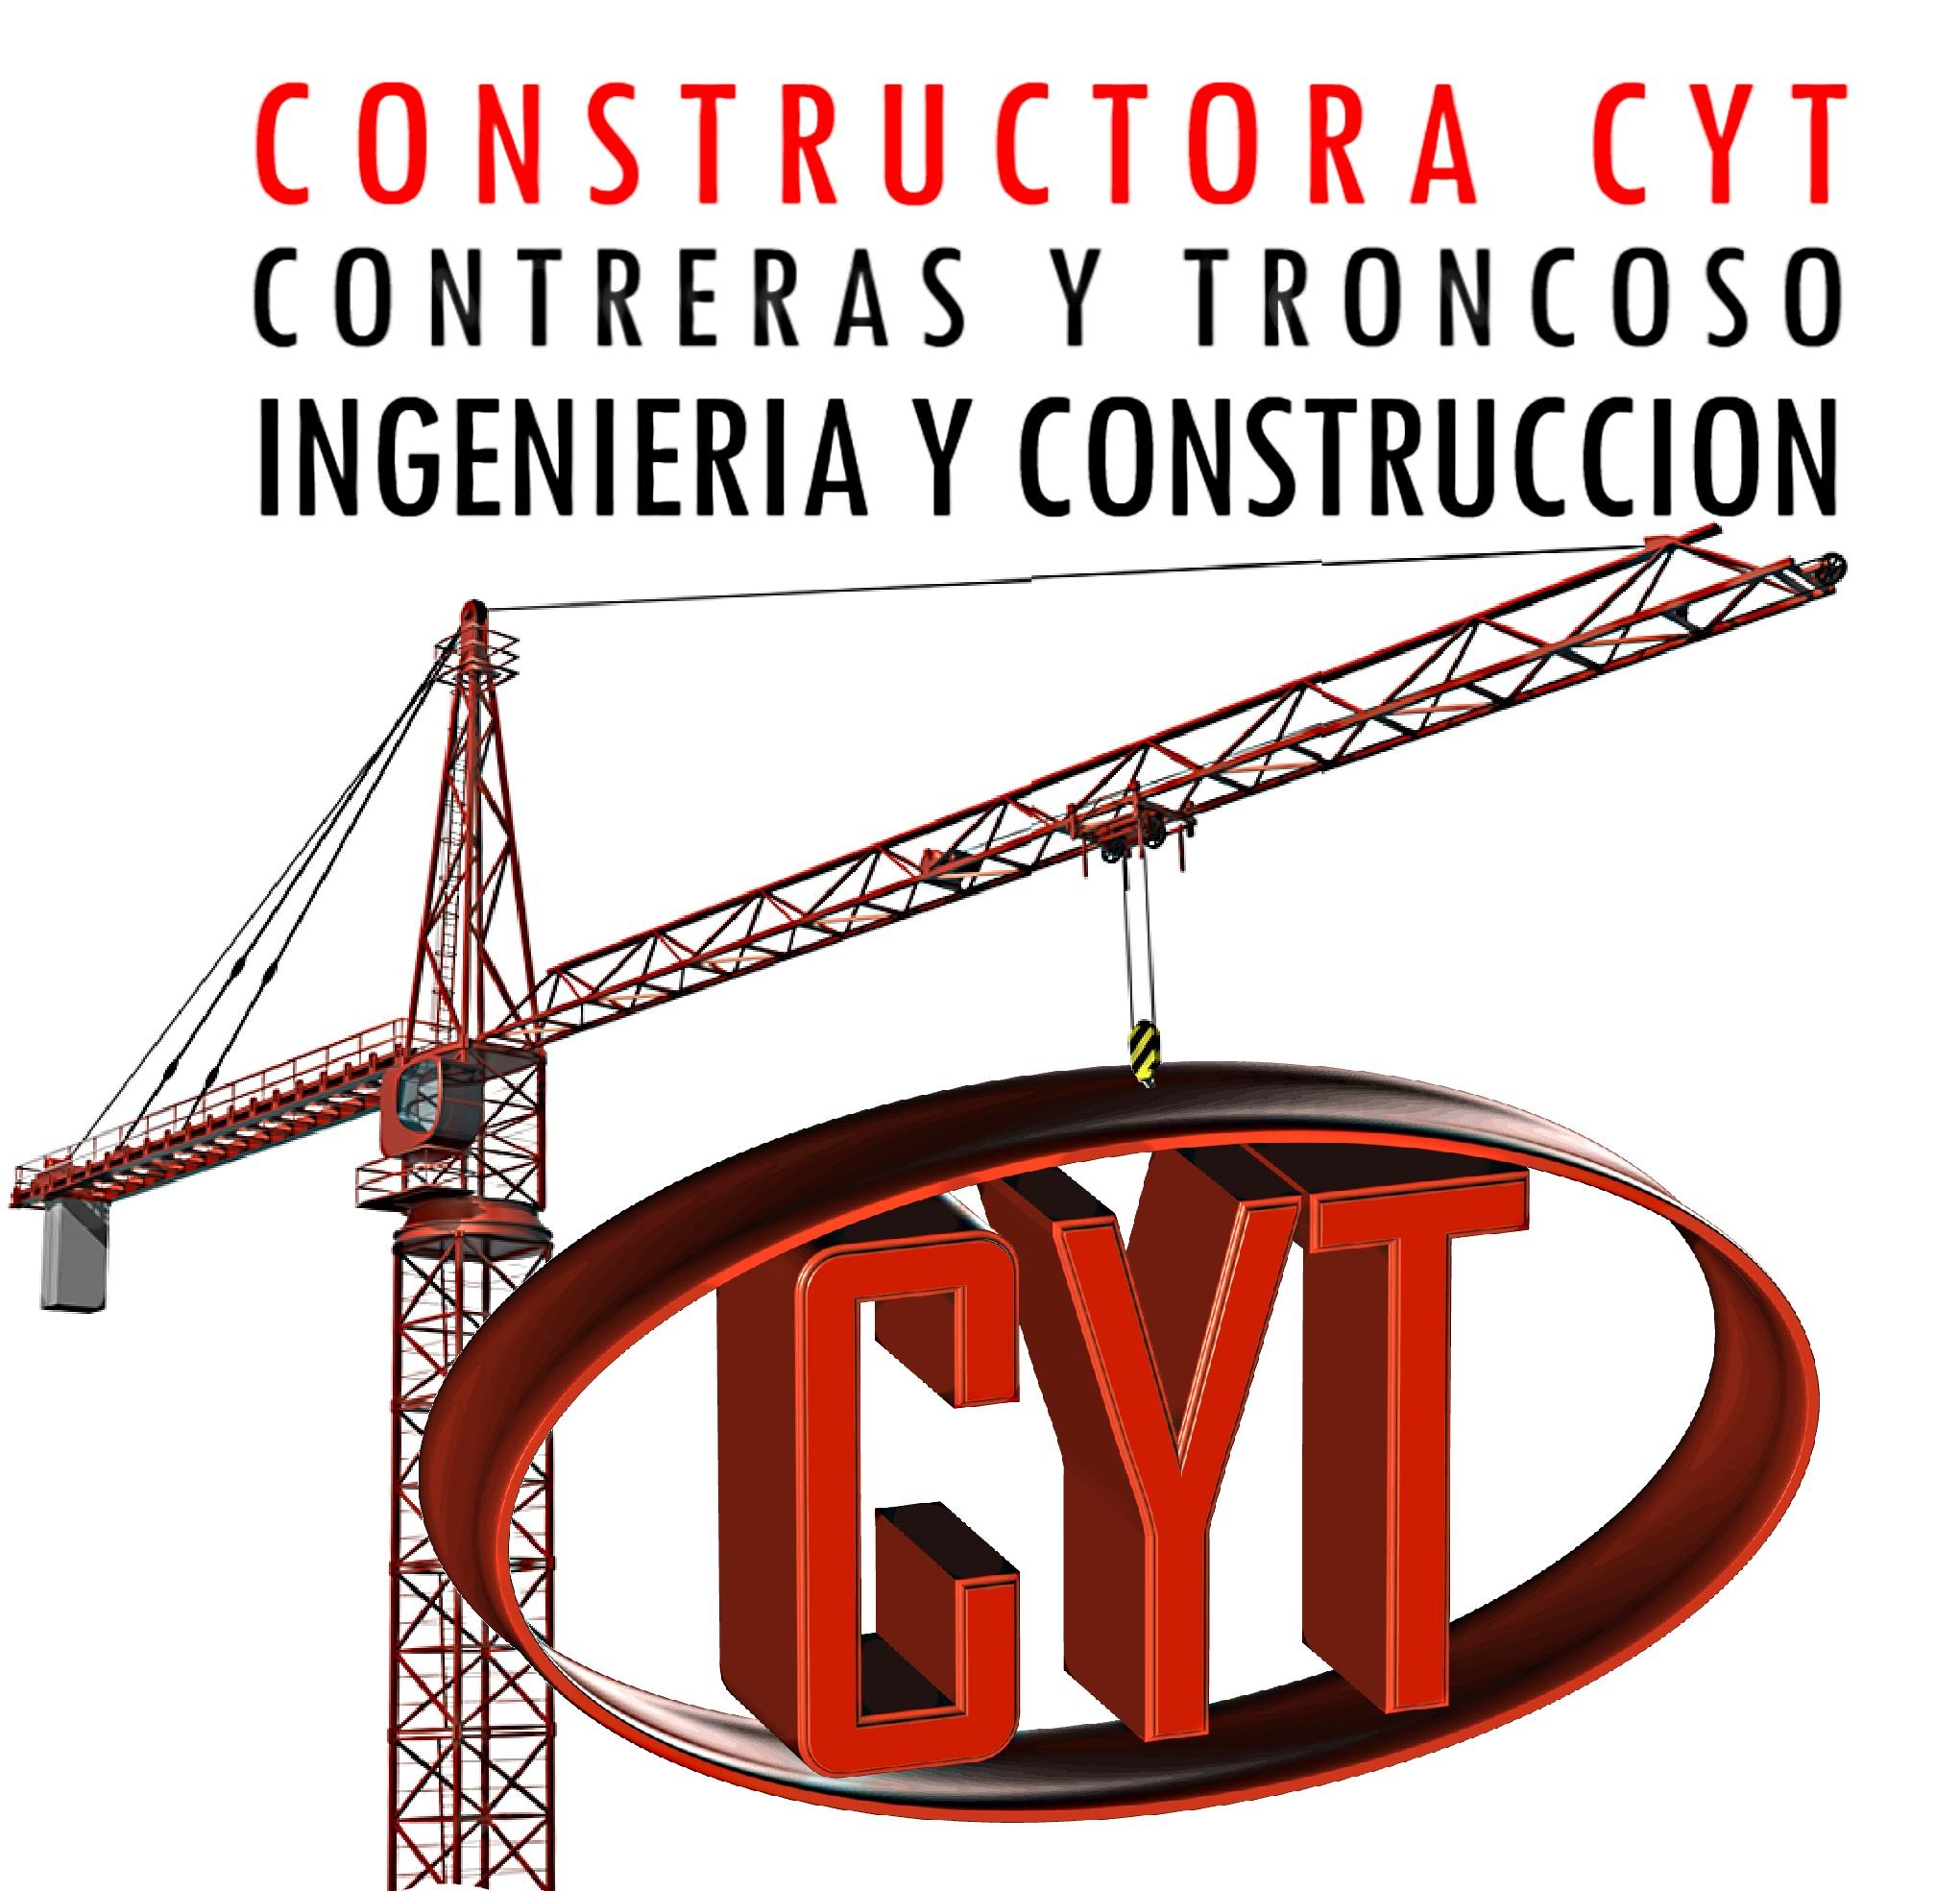 Constructora Cyt Ltda.